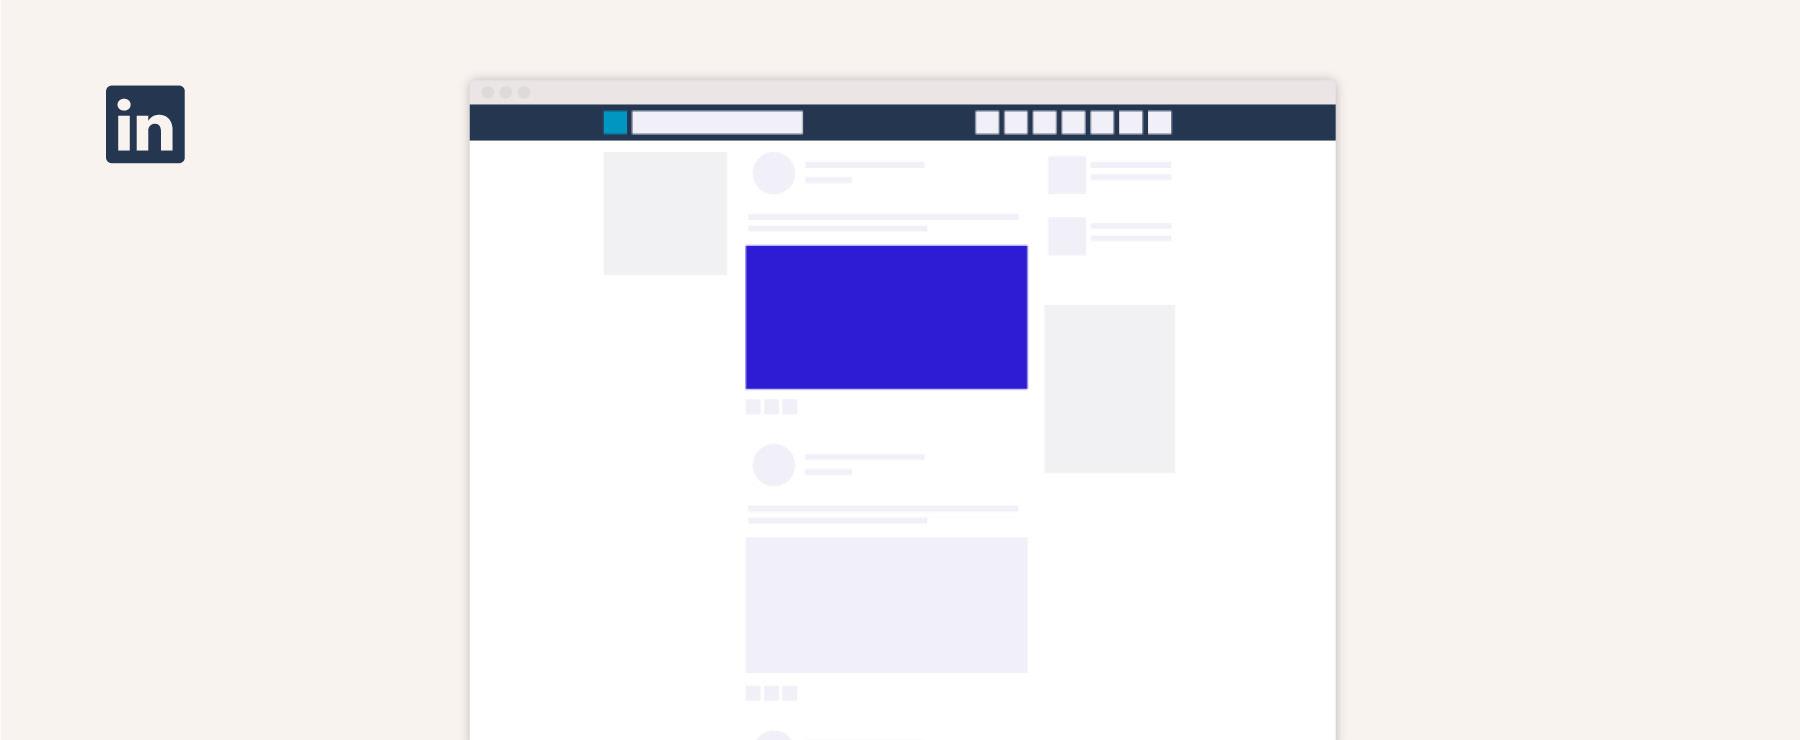 Linkedin shared link image size guide